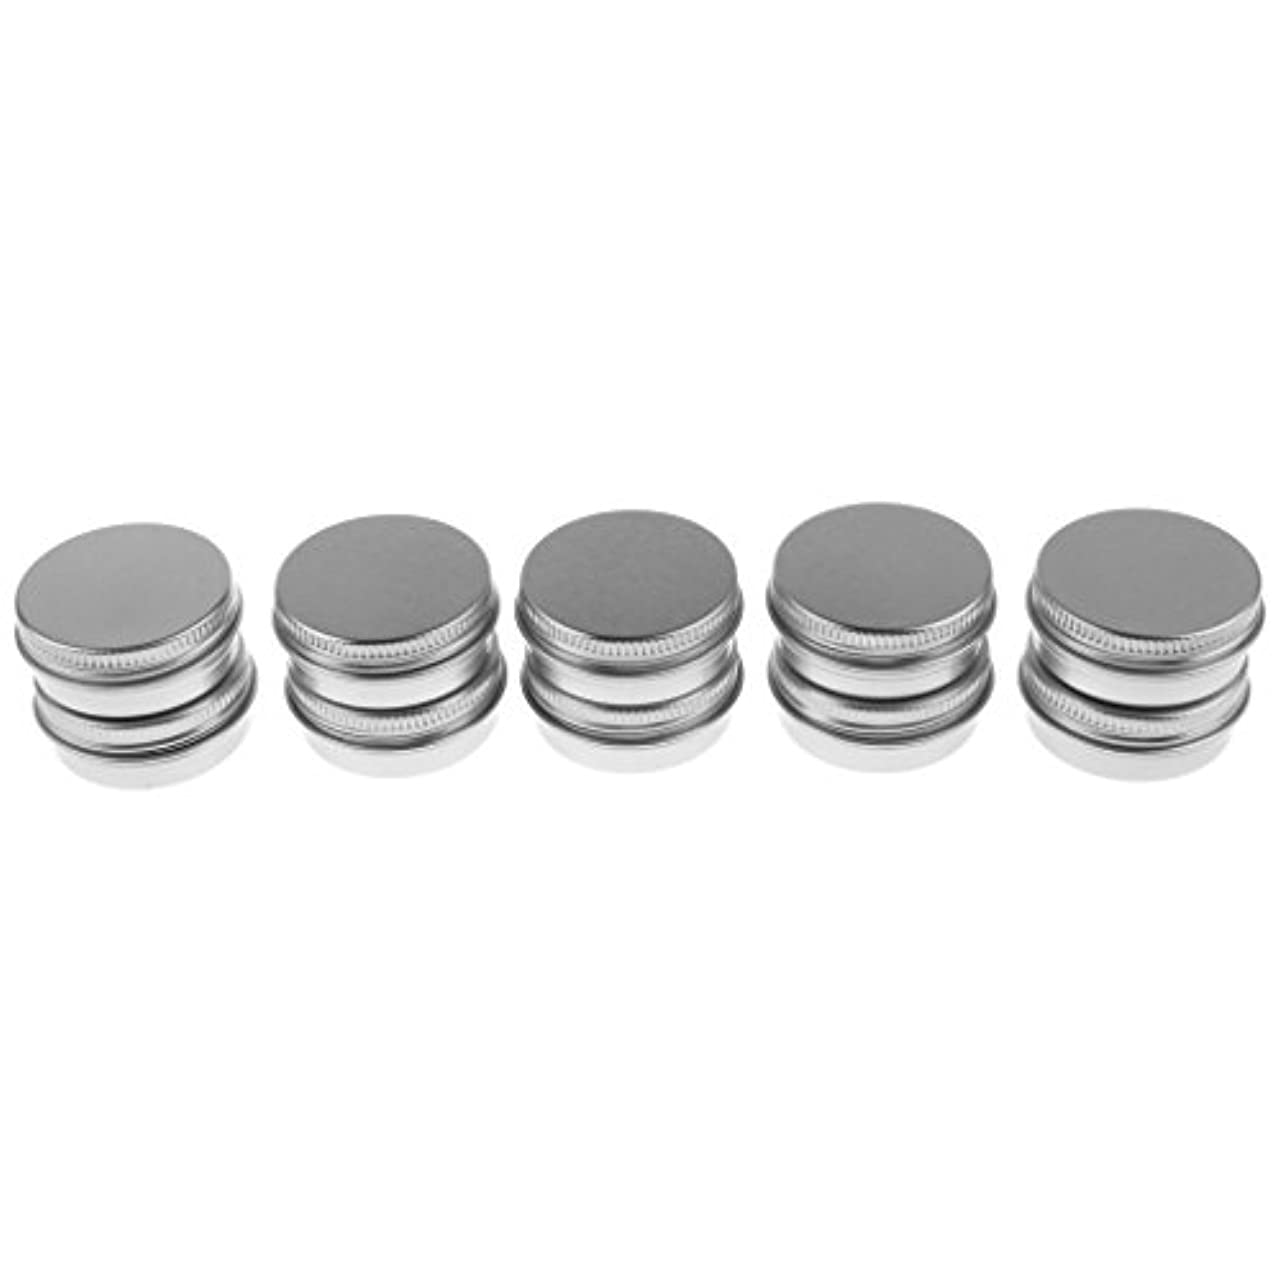 夕食を食べる光景情緒的10個 15g 化粧品用 空 瓶 クリーム 缶 容器 缶ケース 蓋付き